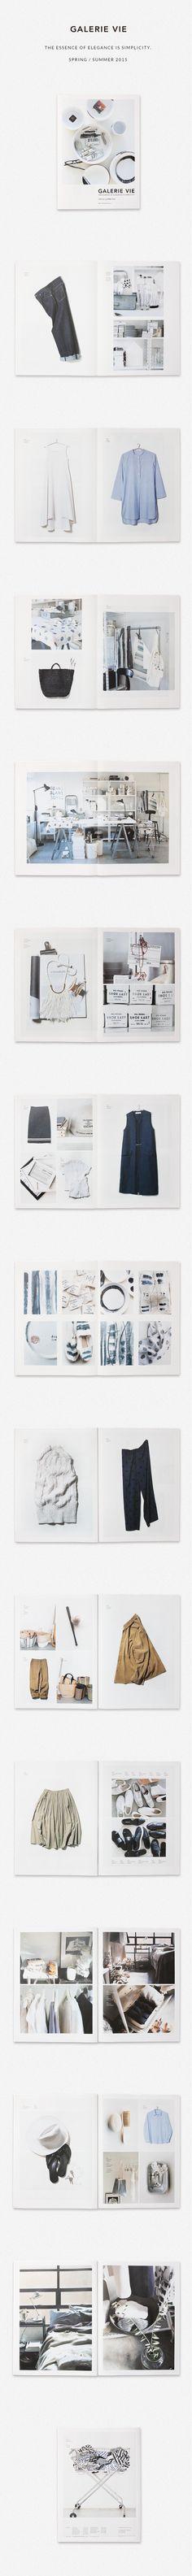 http://www.galerievie.jp/catalogue/15ss/